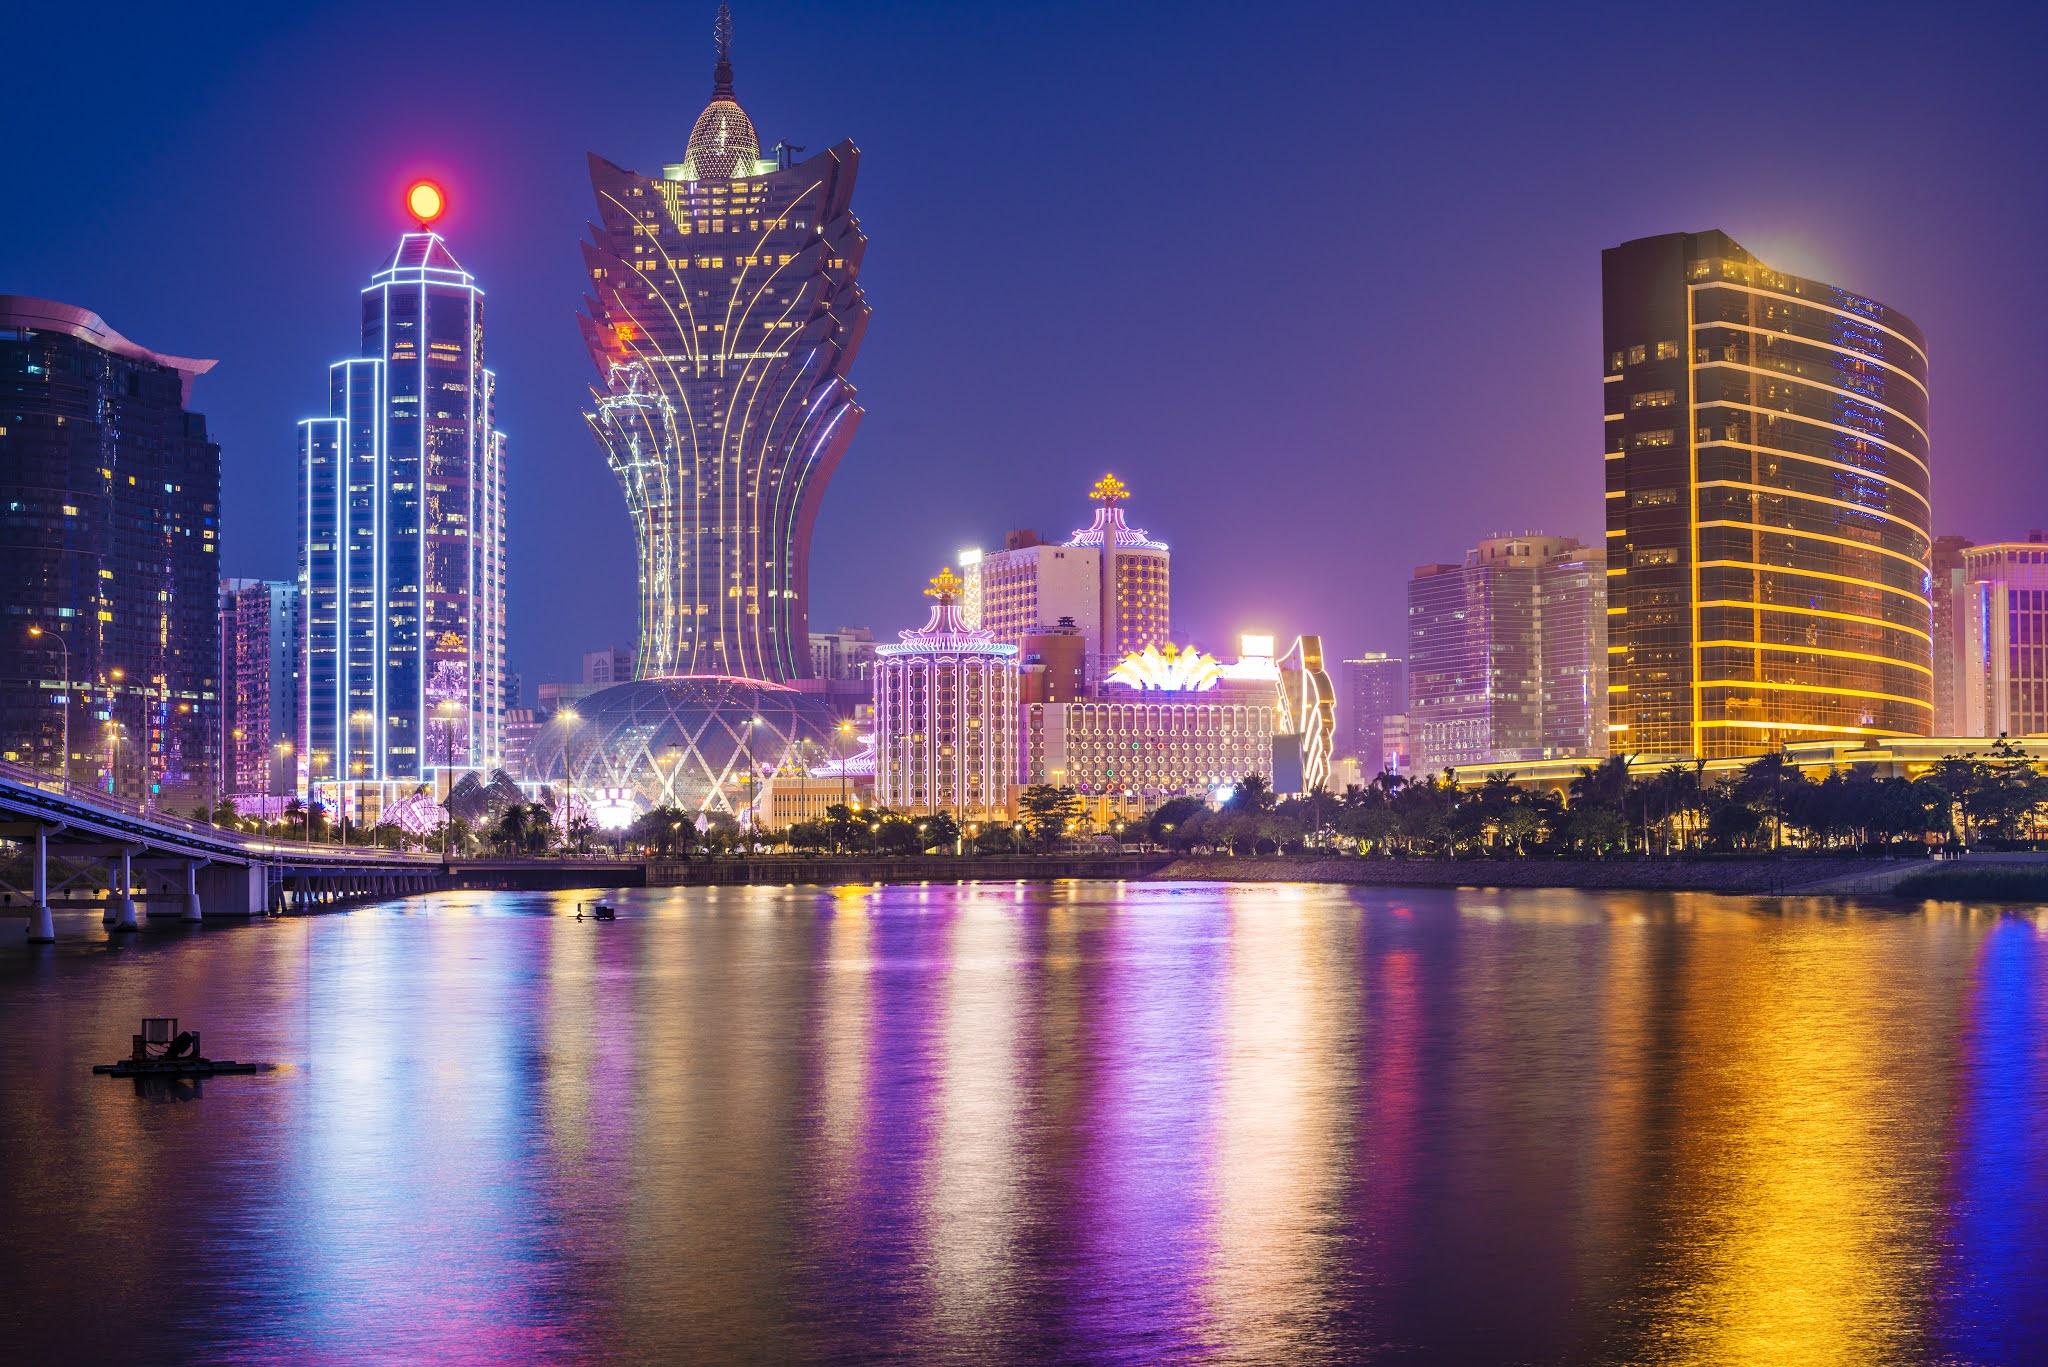 24.5 في المئة ارتفاعا في حجم التجارة الخارجية للصين China خلال سبعة أشهر